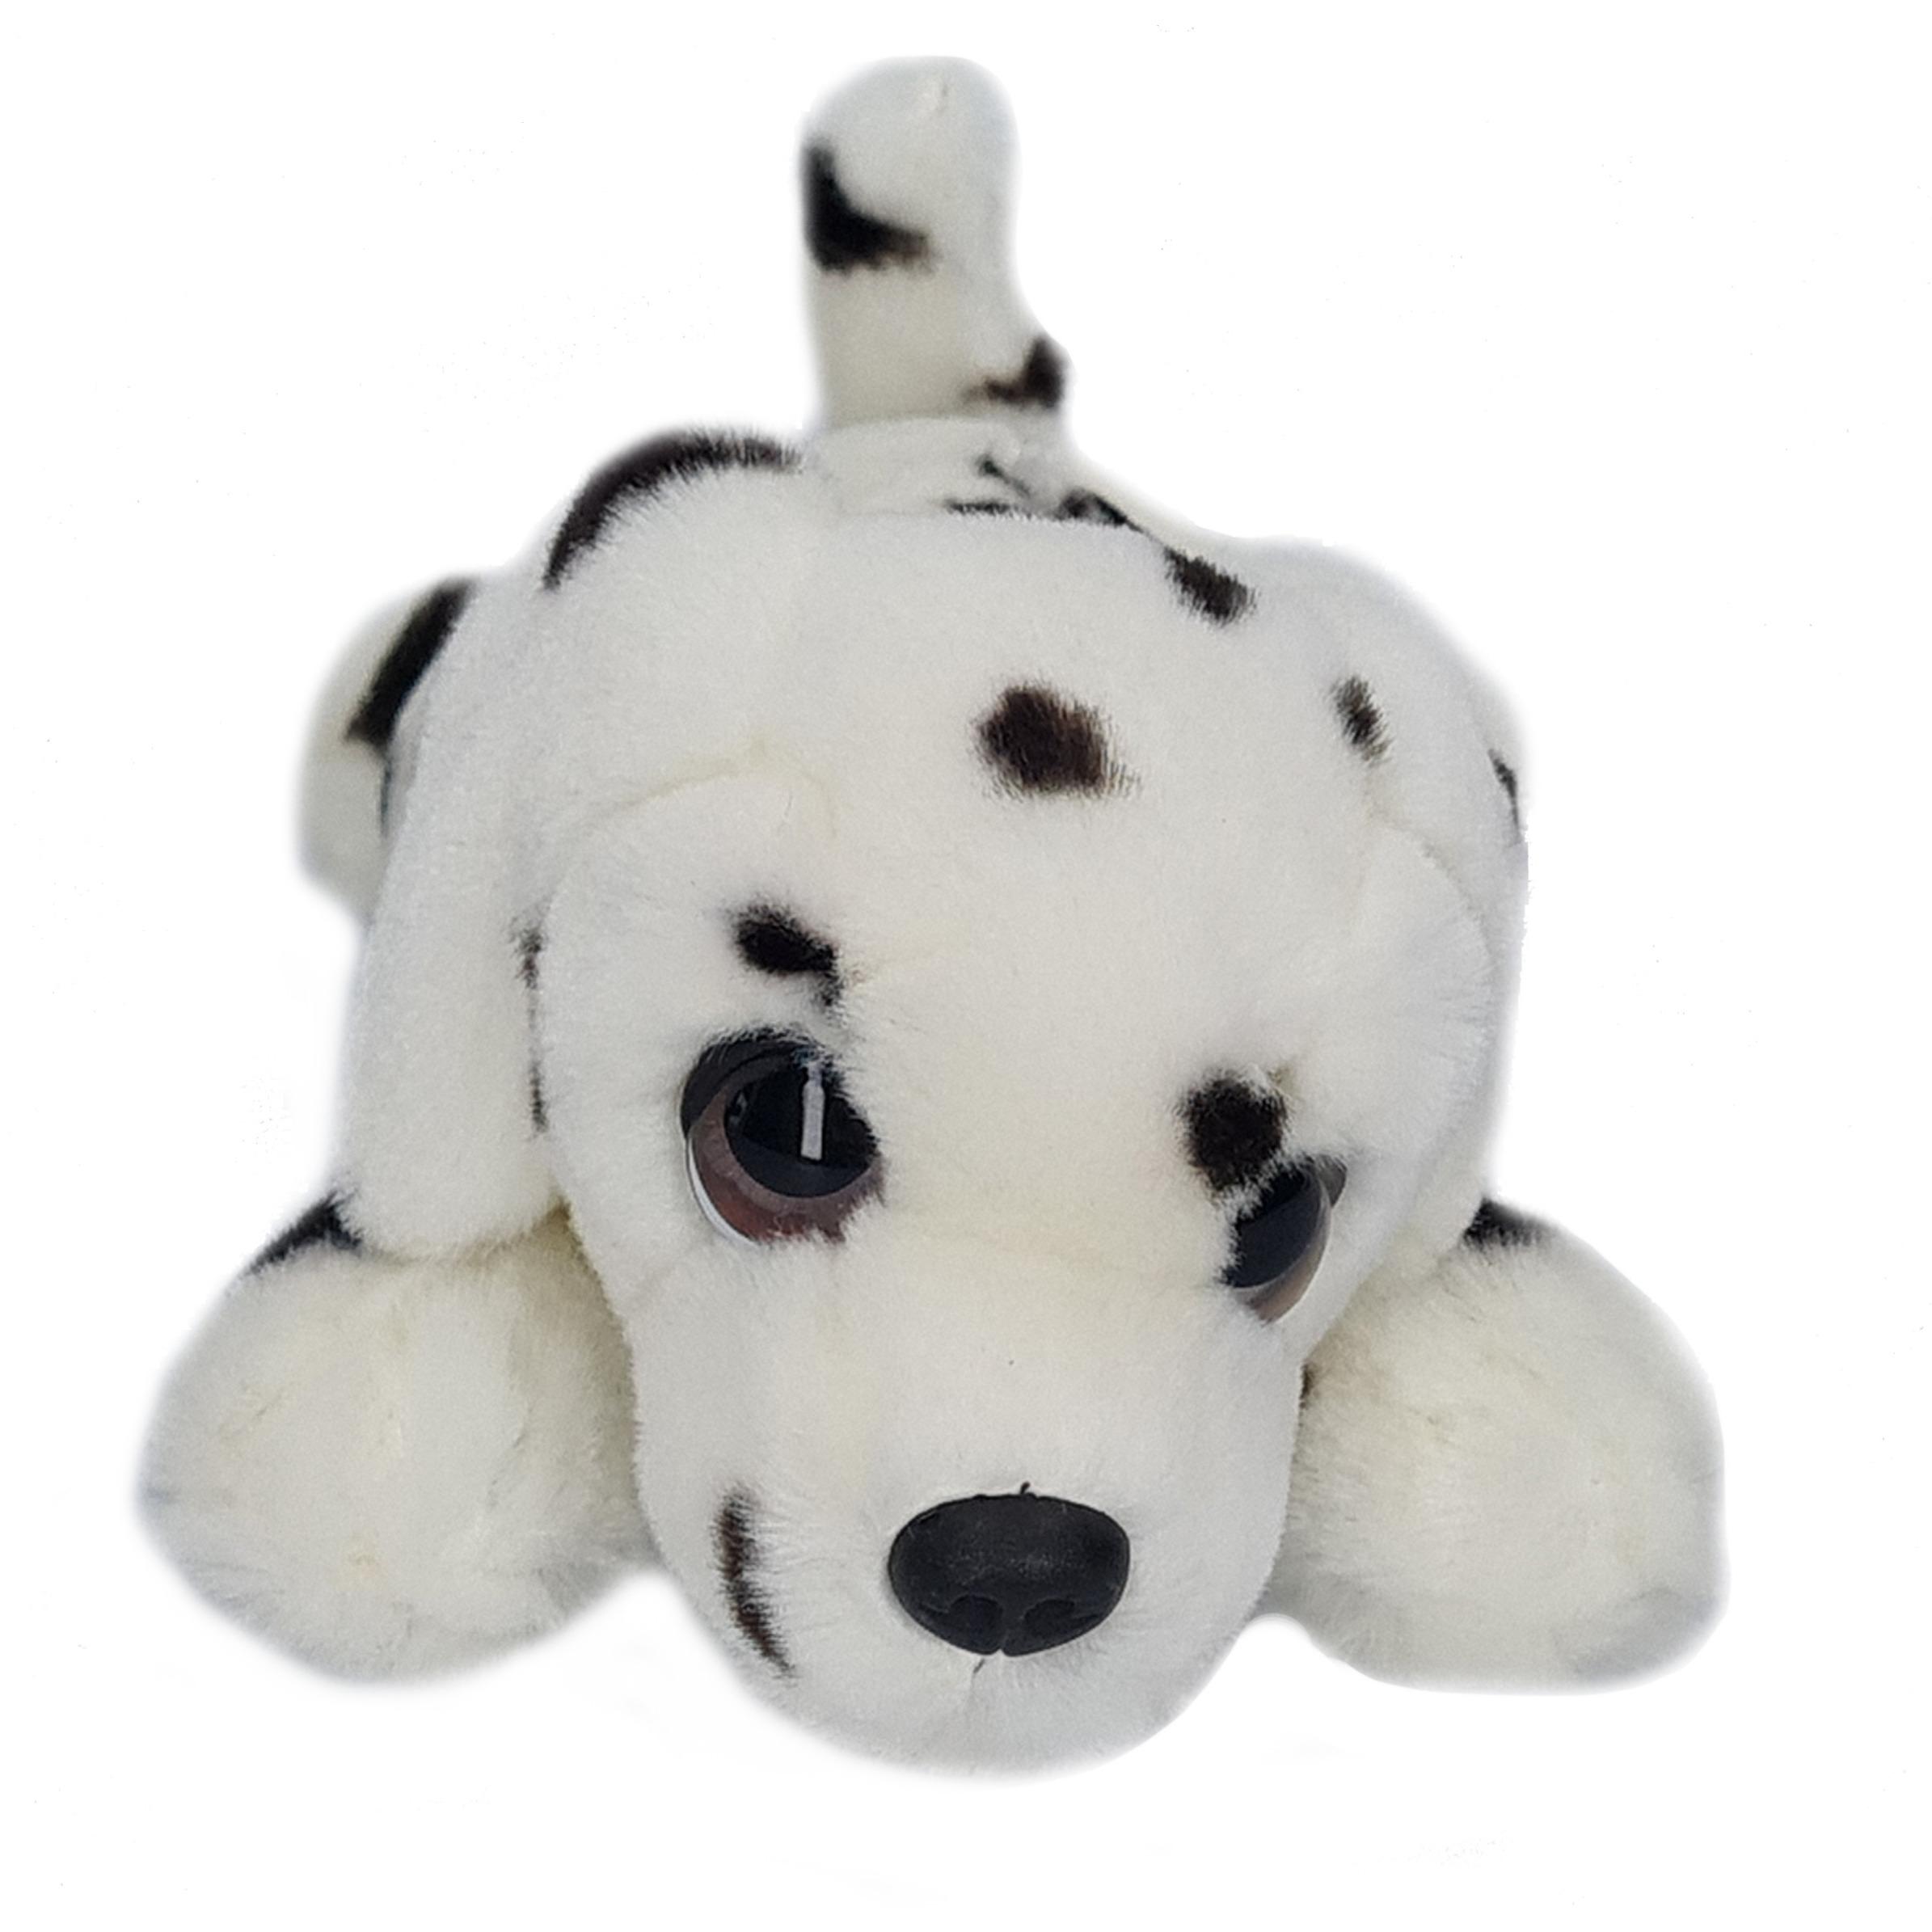 Afbeelding Pluche wit met zwarte stippen Dalmatier honden knuffel 25 cm door Animals Giftshop